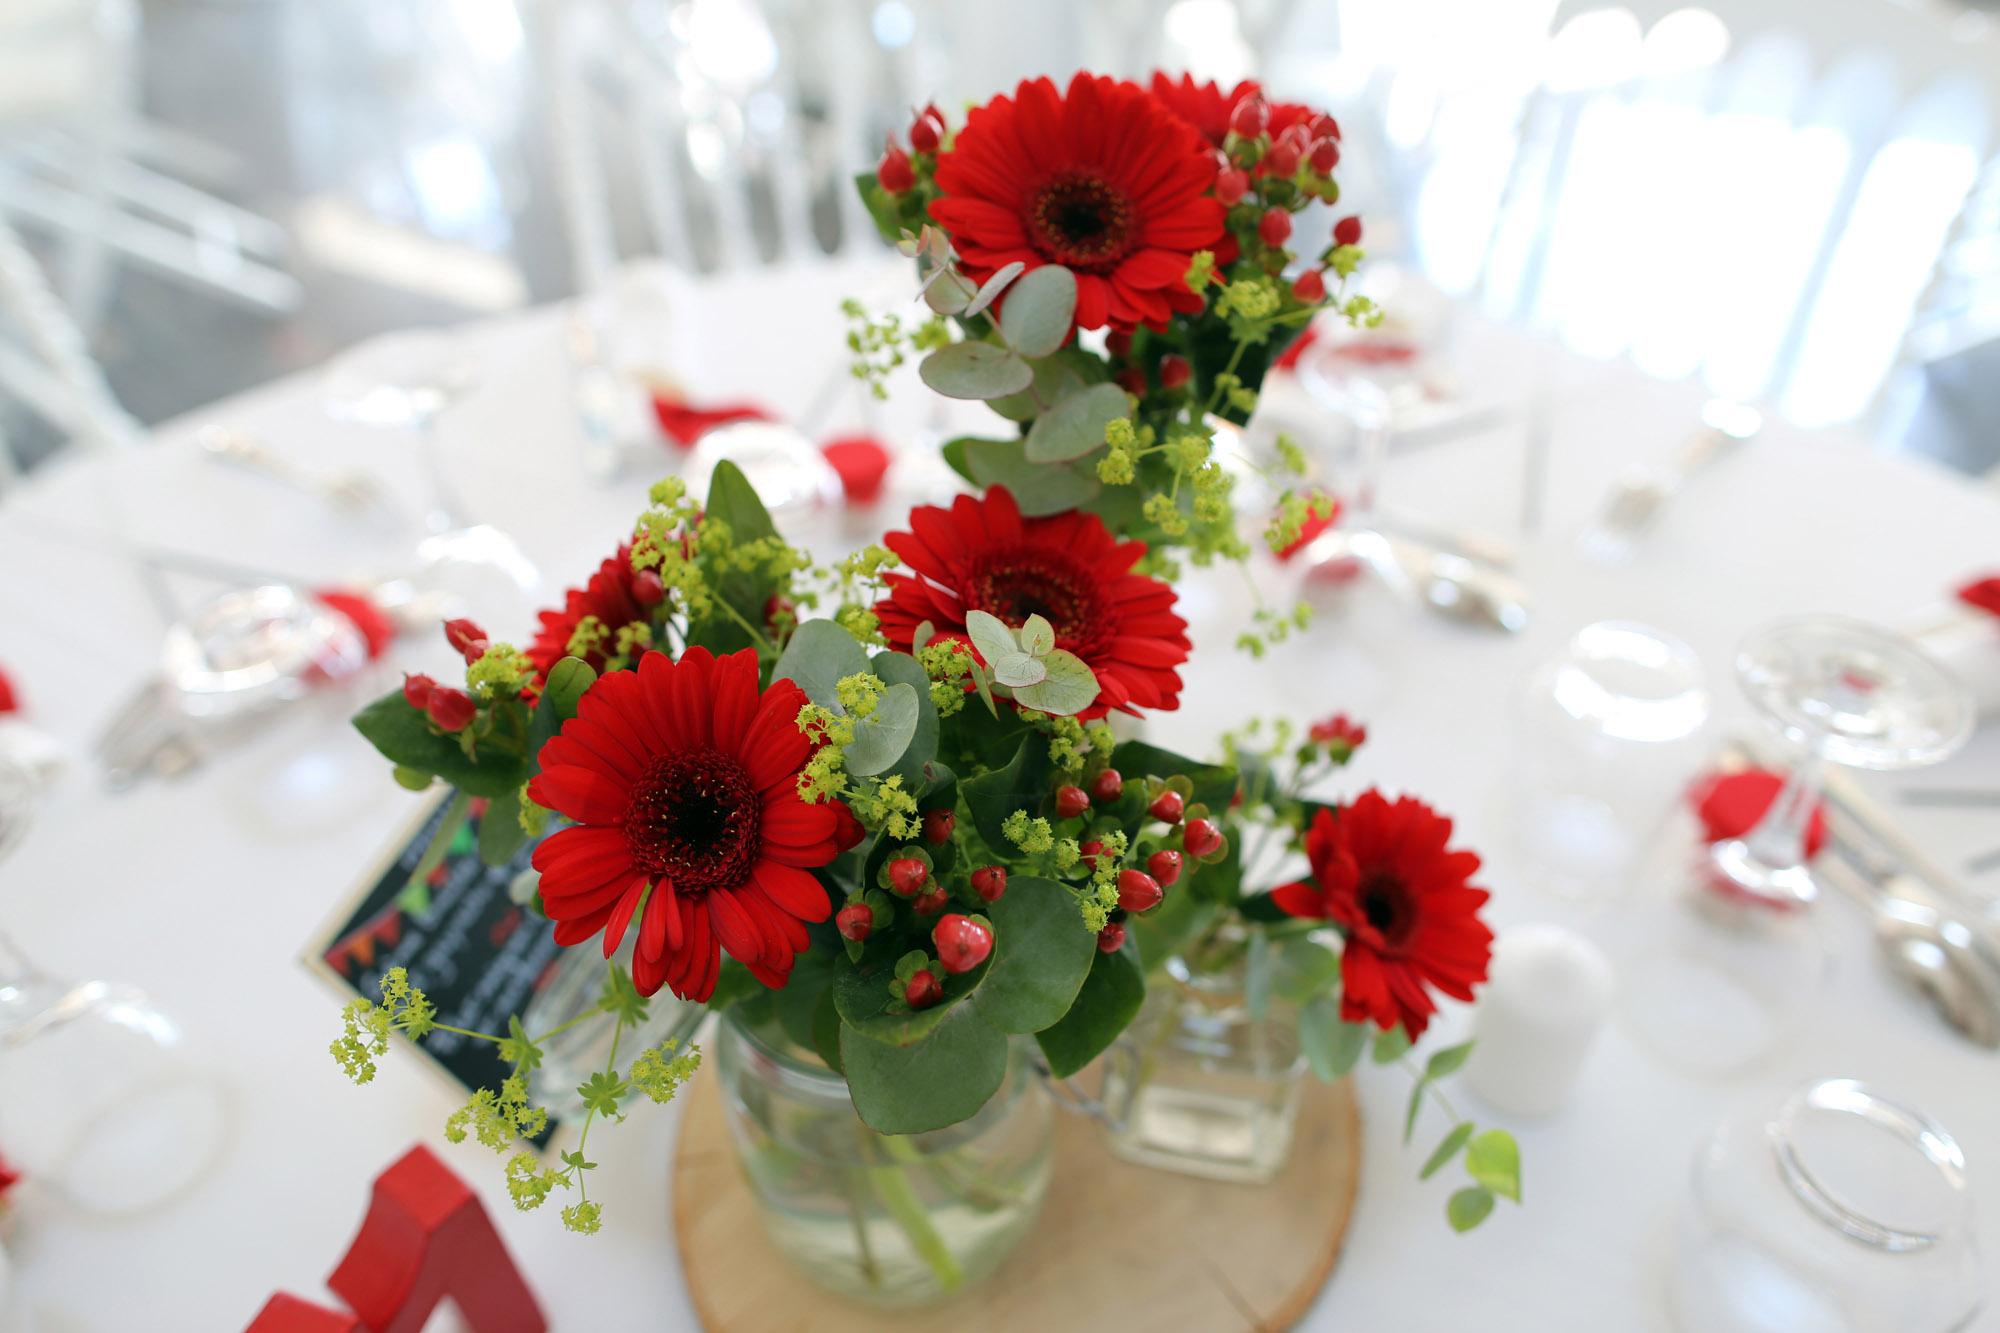 fleuriste-mariage-64-photographe-Sylvain-Mariotto-landes-pays-basque-06